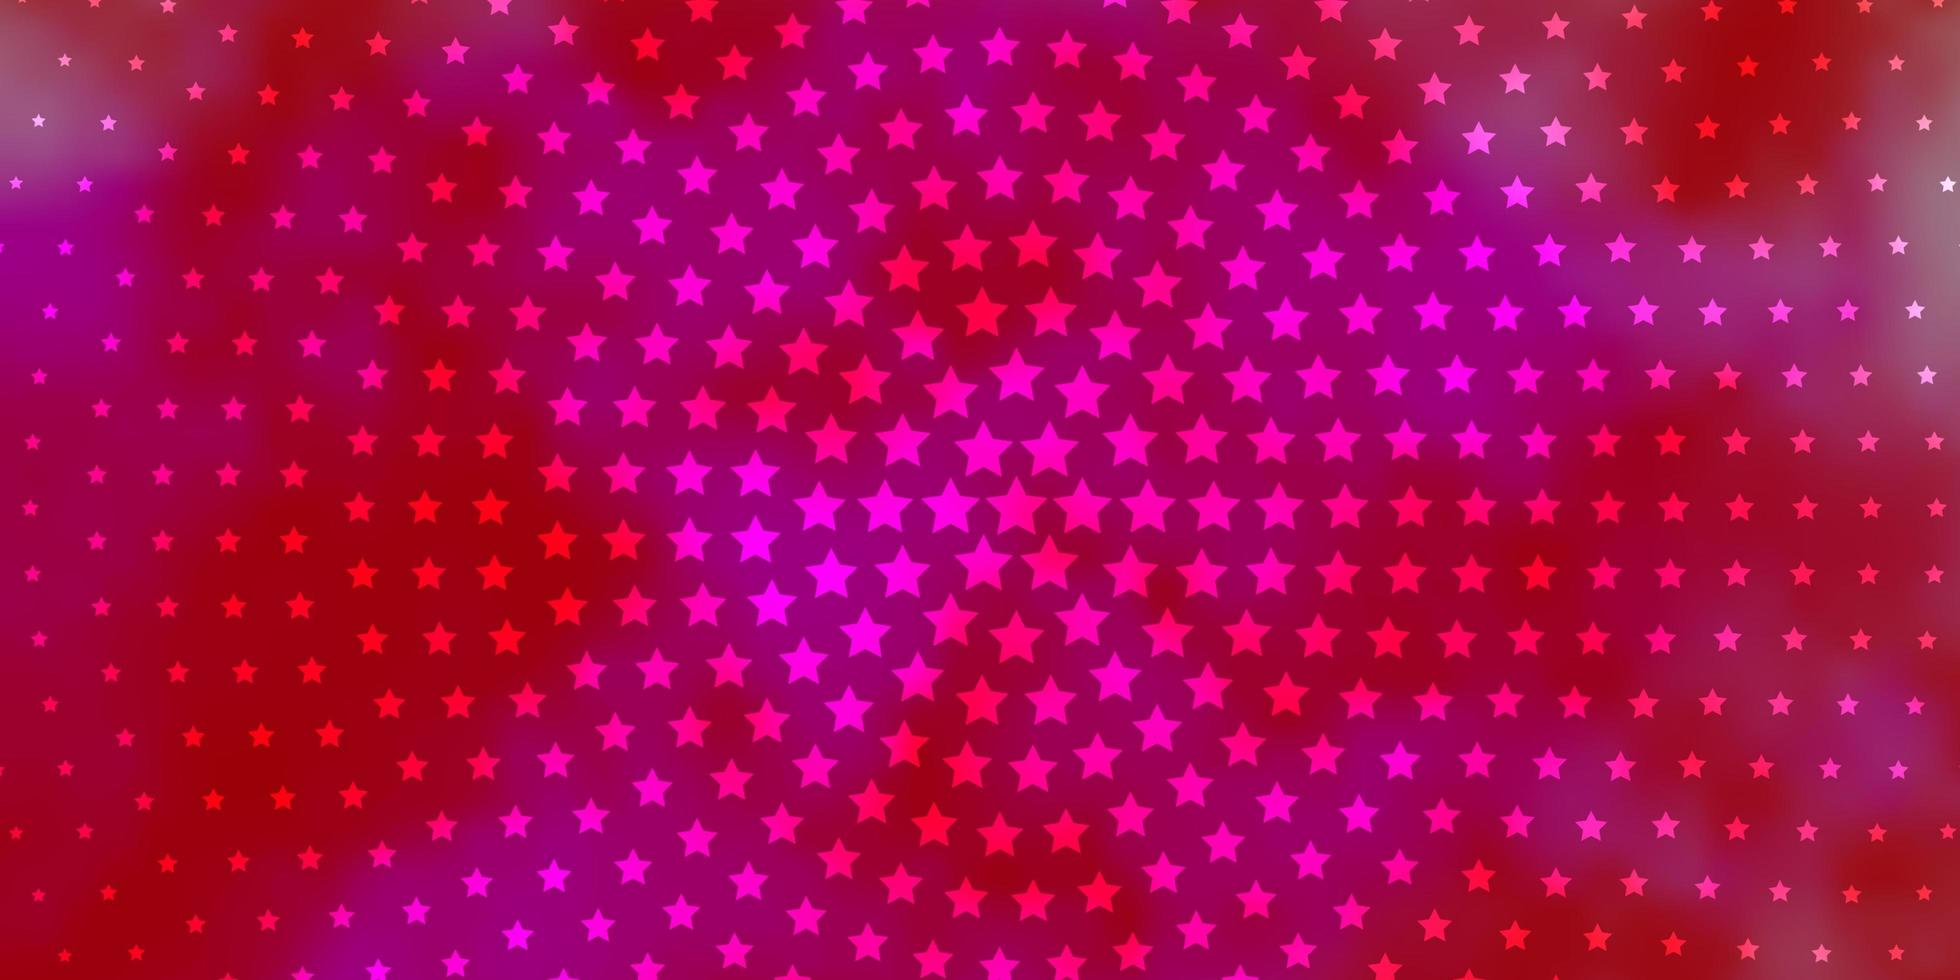 rode en roze textuur met prachtige sterren. vector